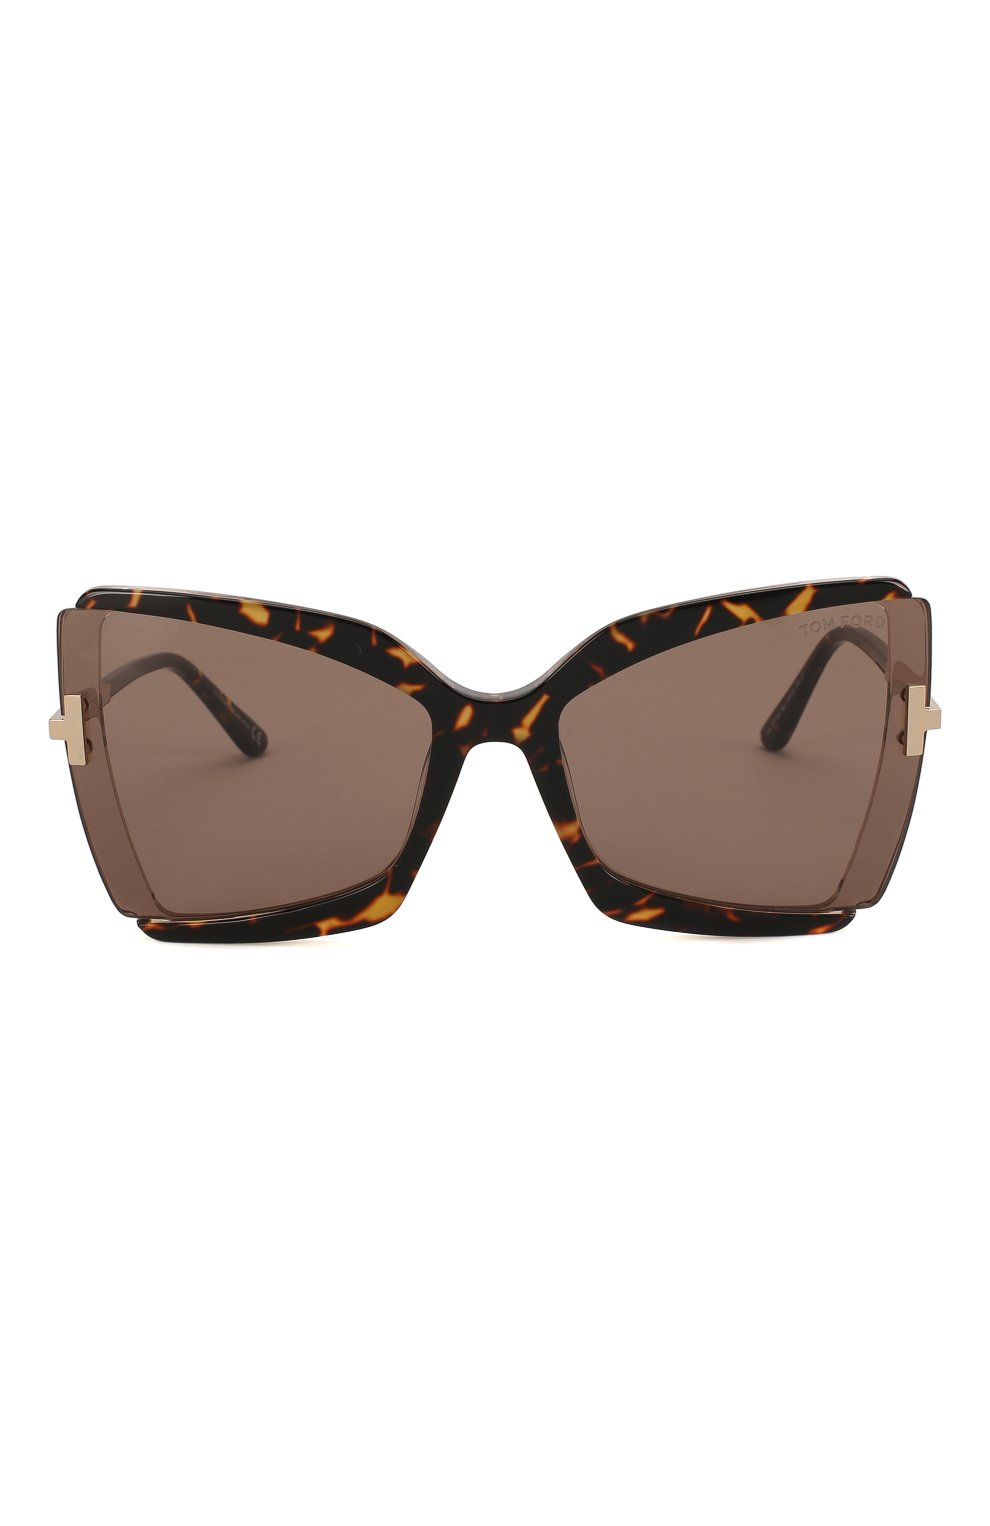 Женские солнцезащитные очки TOM FORD коричневого цвета, арт. TF766 56J | Фото 3